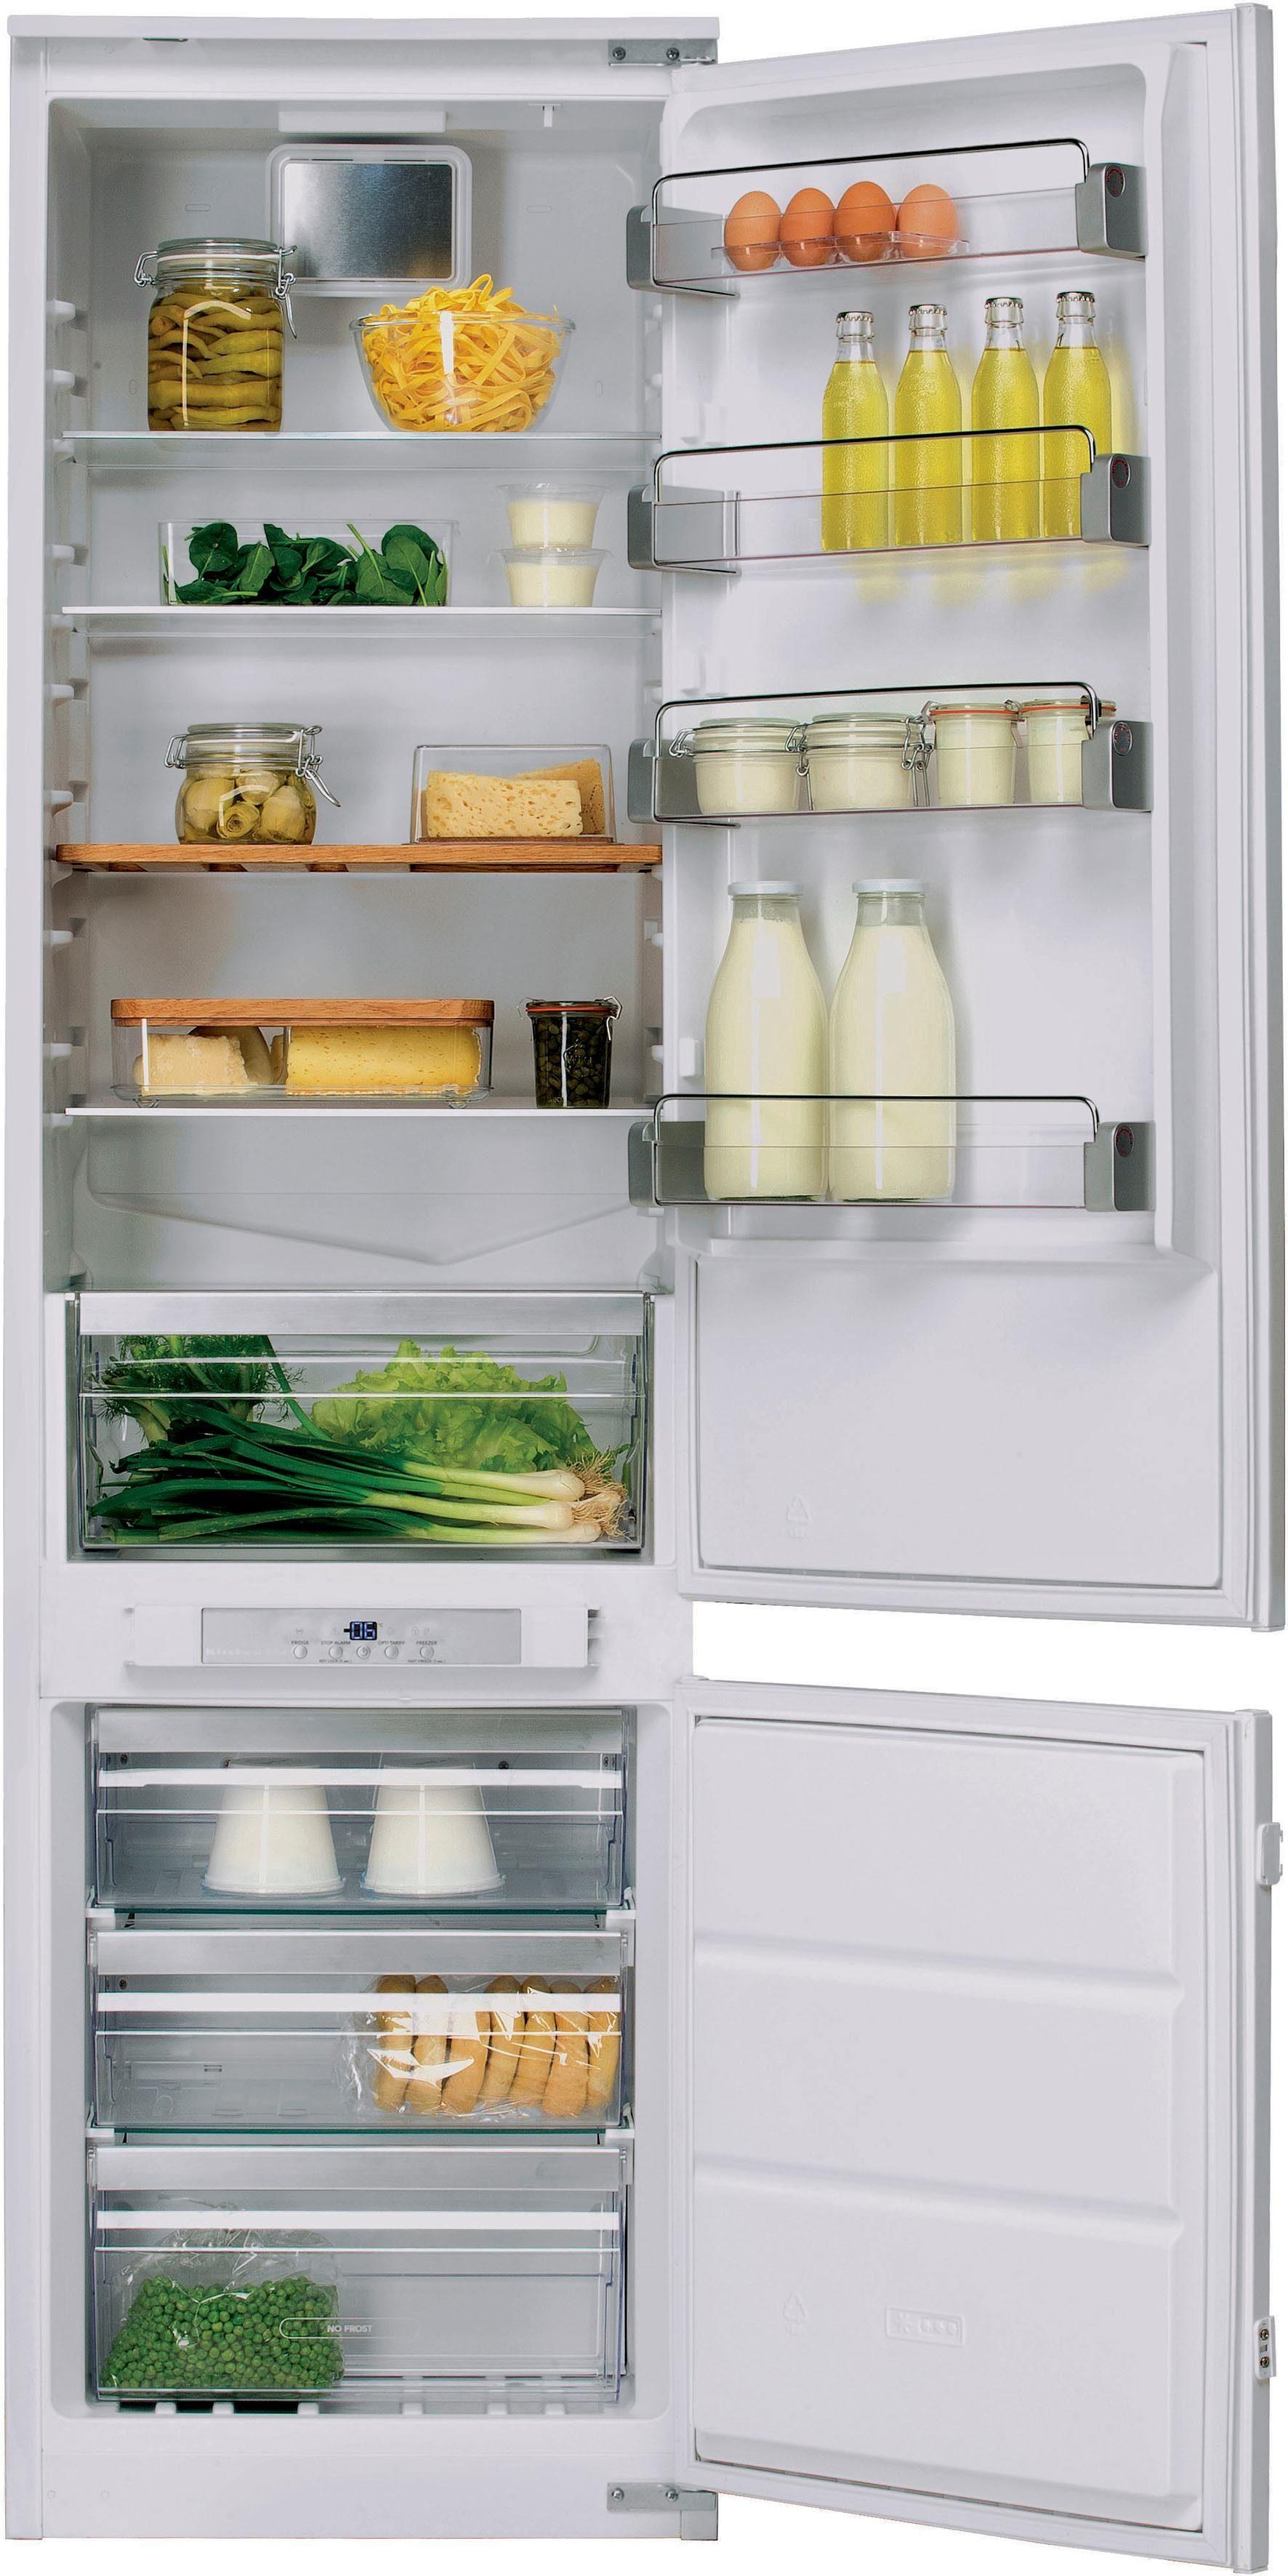 KitchenAid Einbaukühlgefrierkombination KCBCS 20600, 193,5 cm hoch, 54,5 cm breit